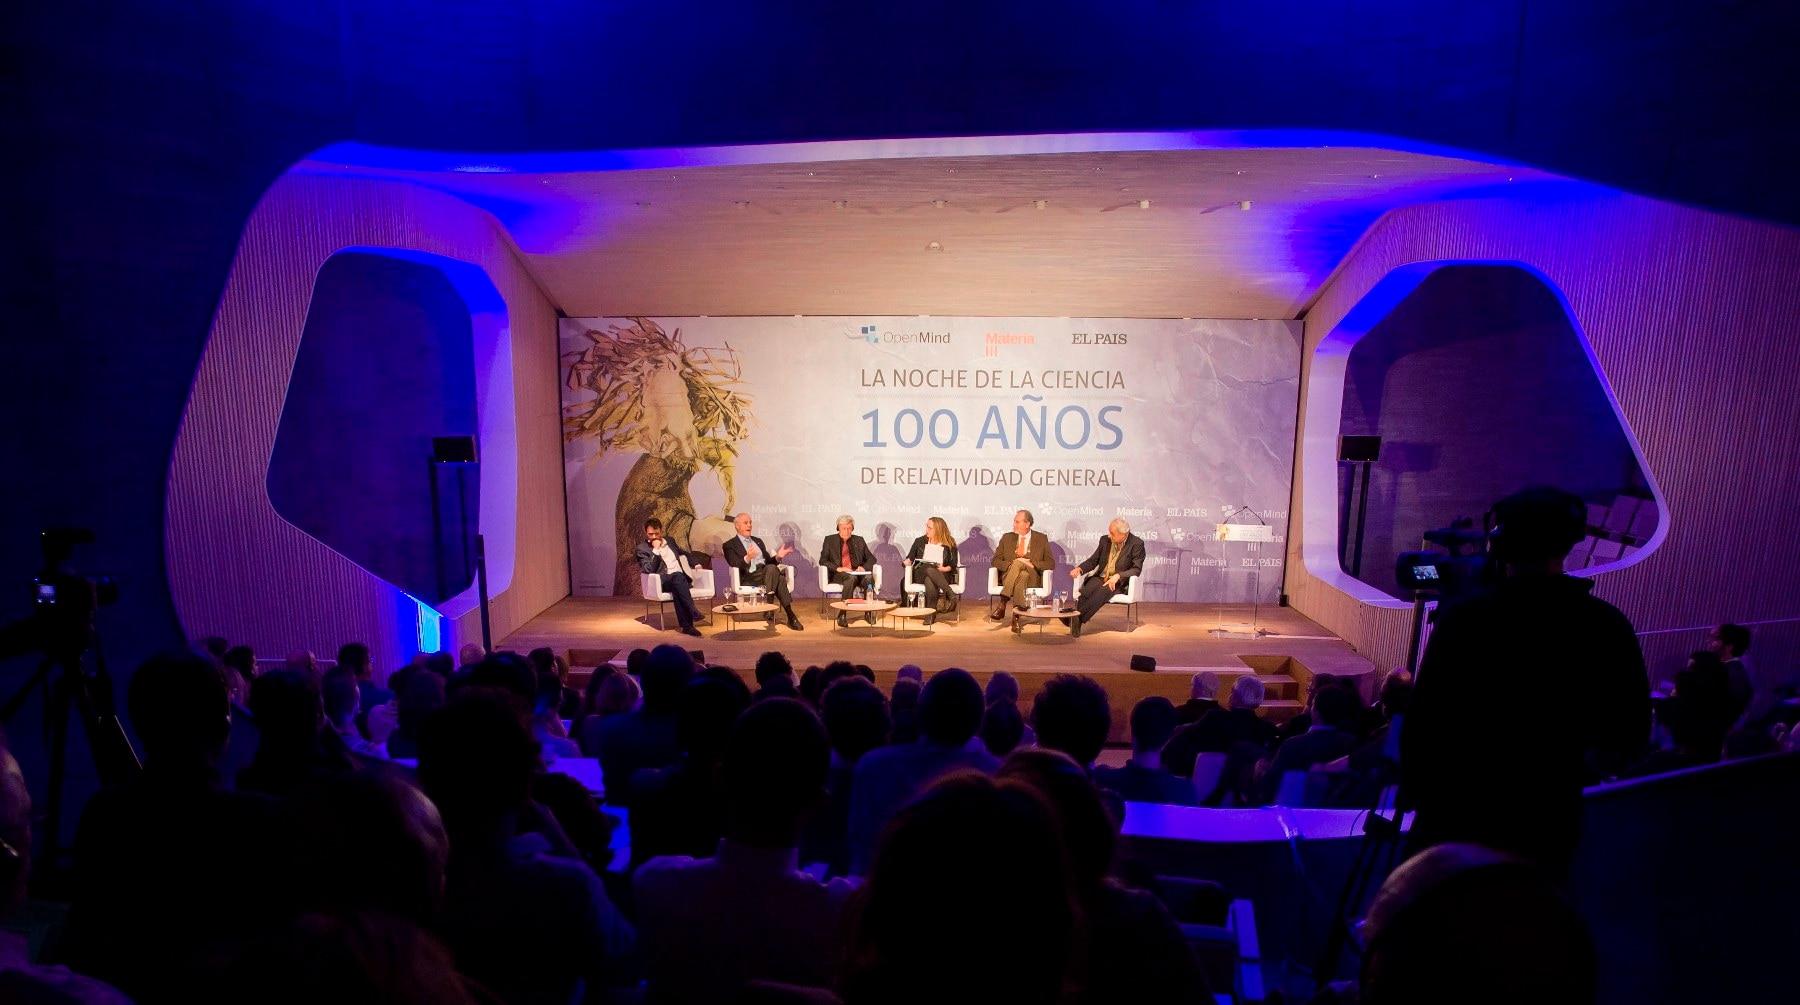 Fotografía del debate Noche de la Ciencia, organizado por OpenMind de BBVA